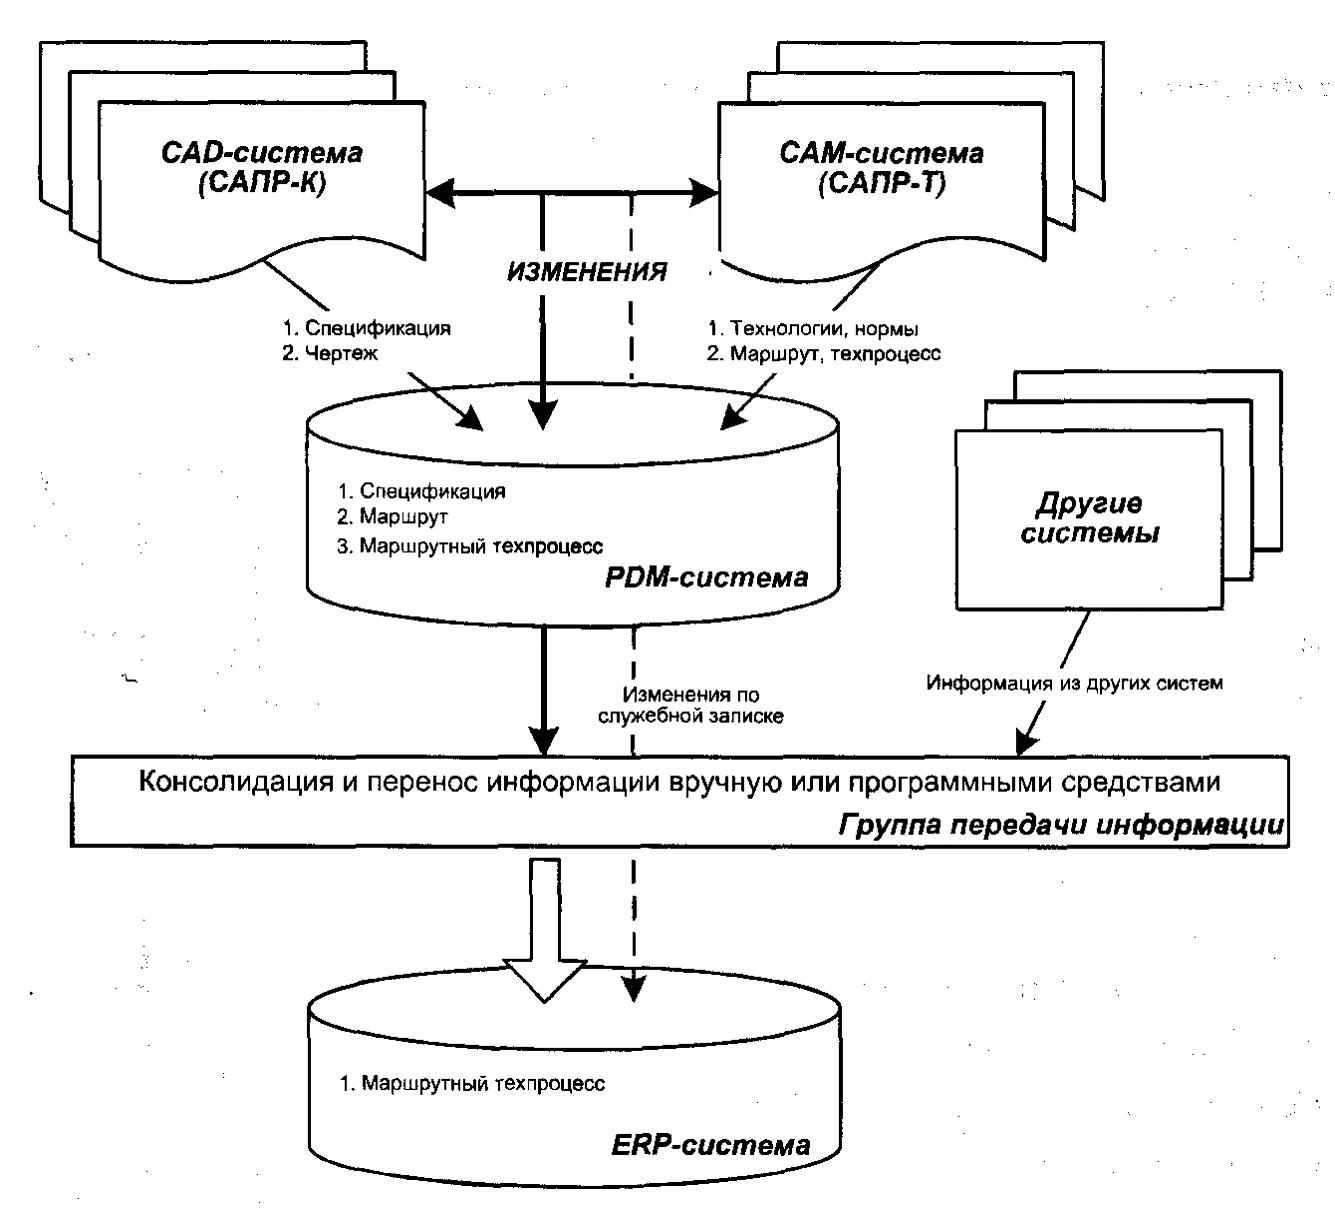 Схема взаимодействия систем